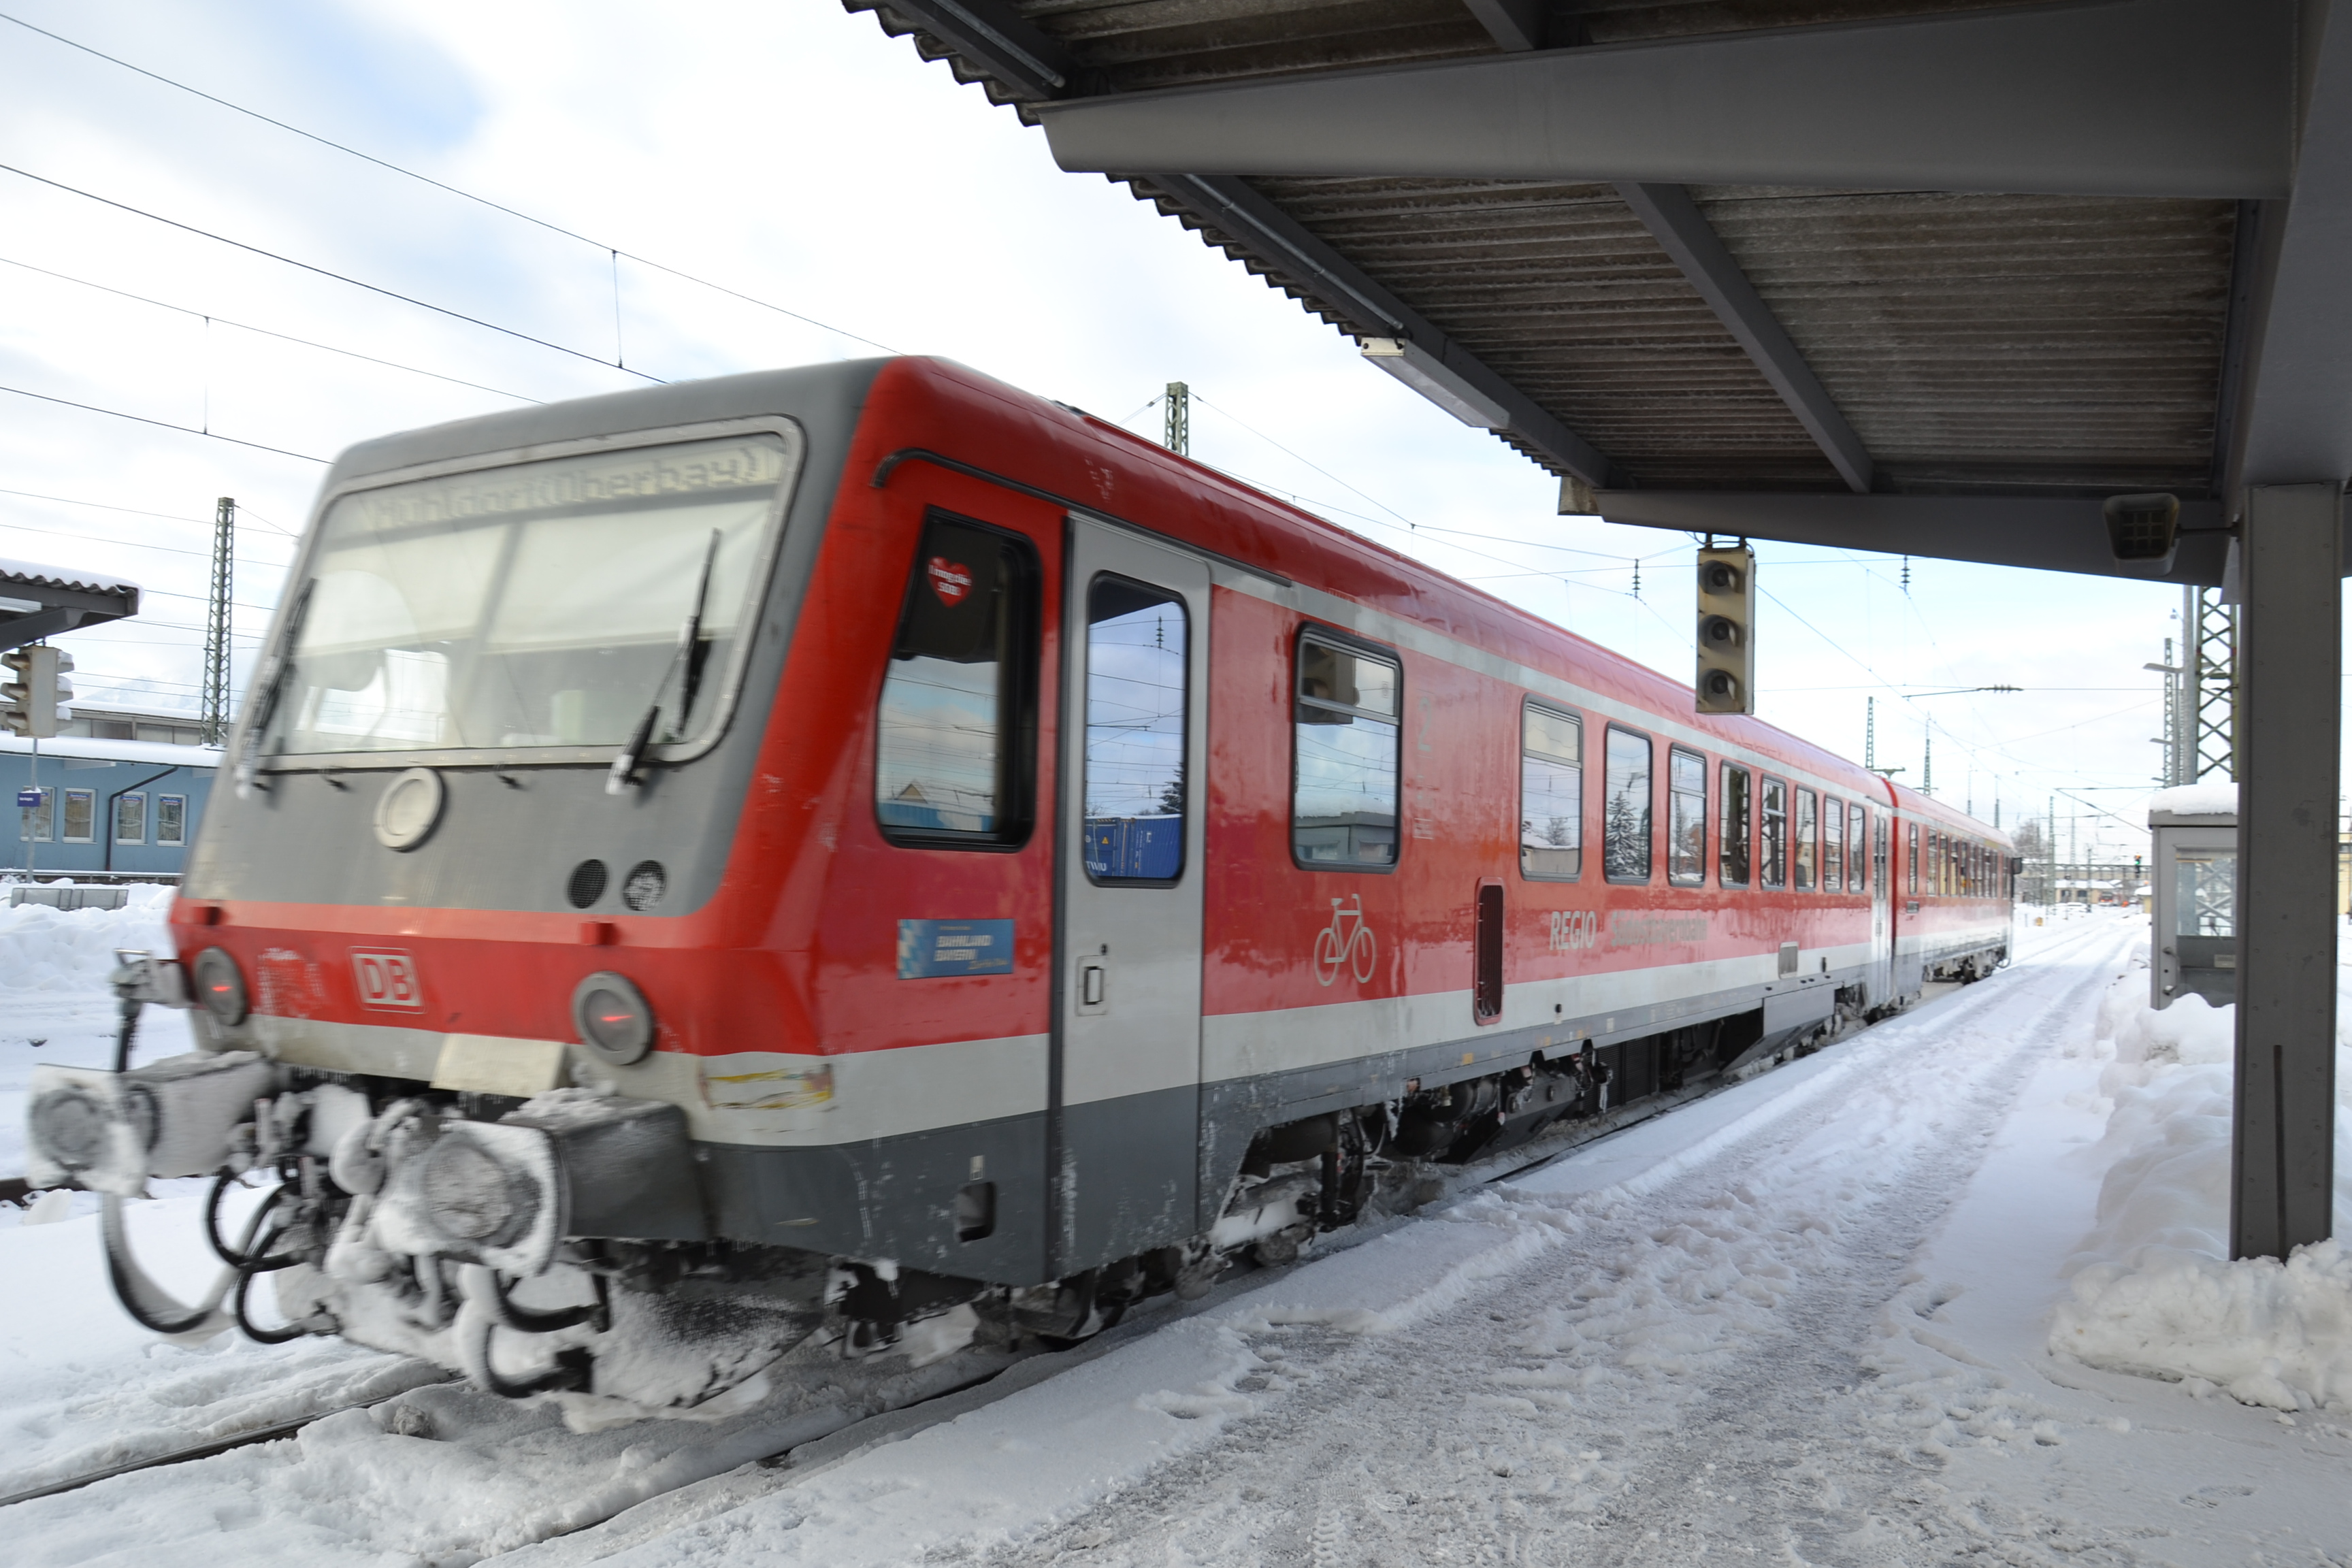 Zug im Bahnhof Freilassing 1- Quelle EUREGIO